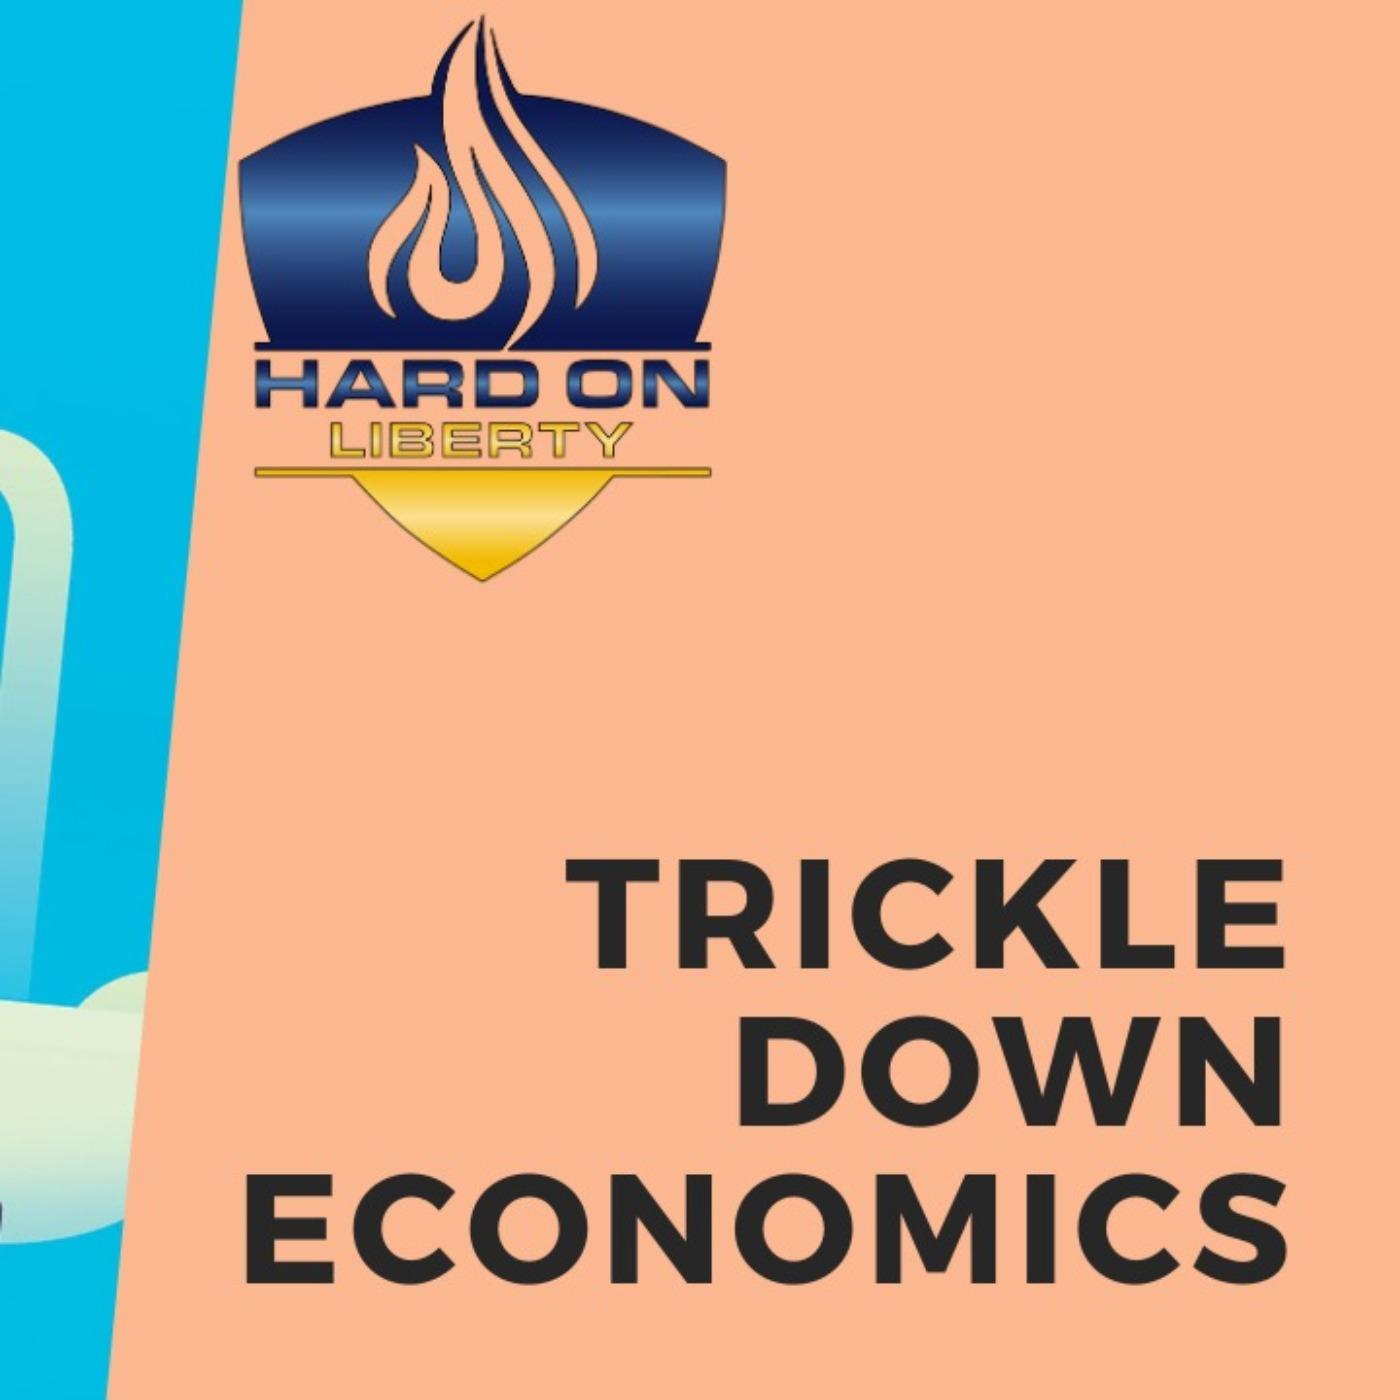 Does Trickle Down Economics Exist?